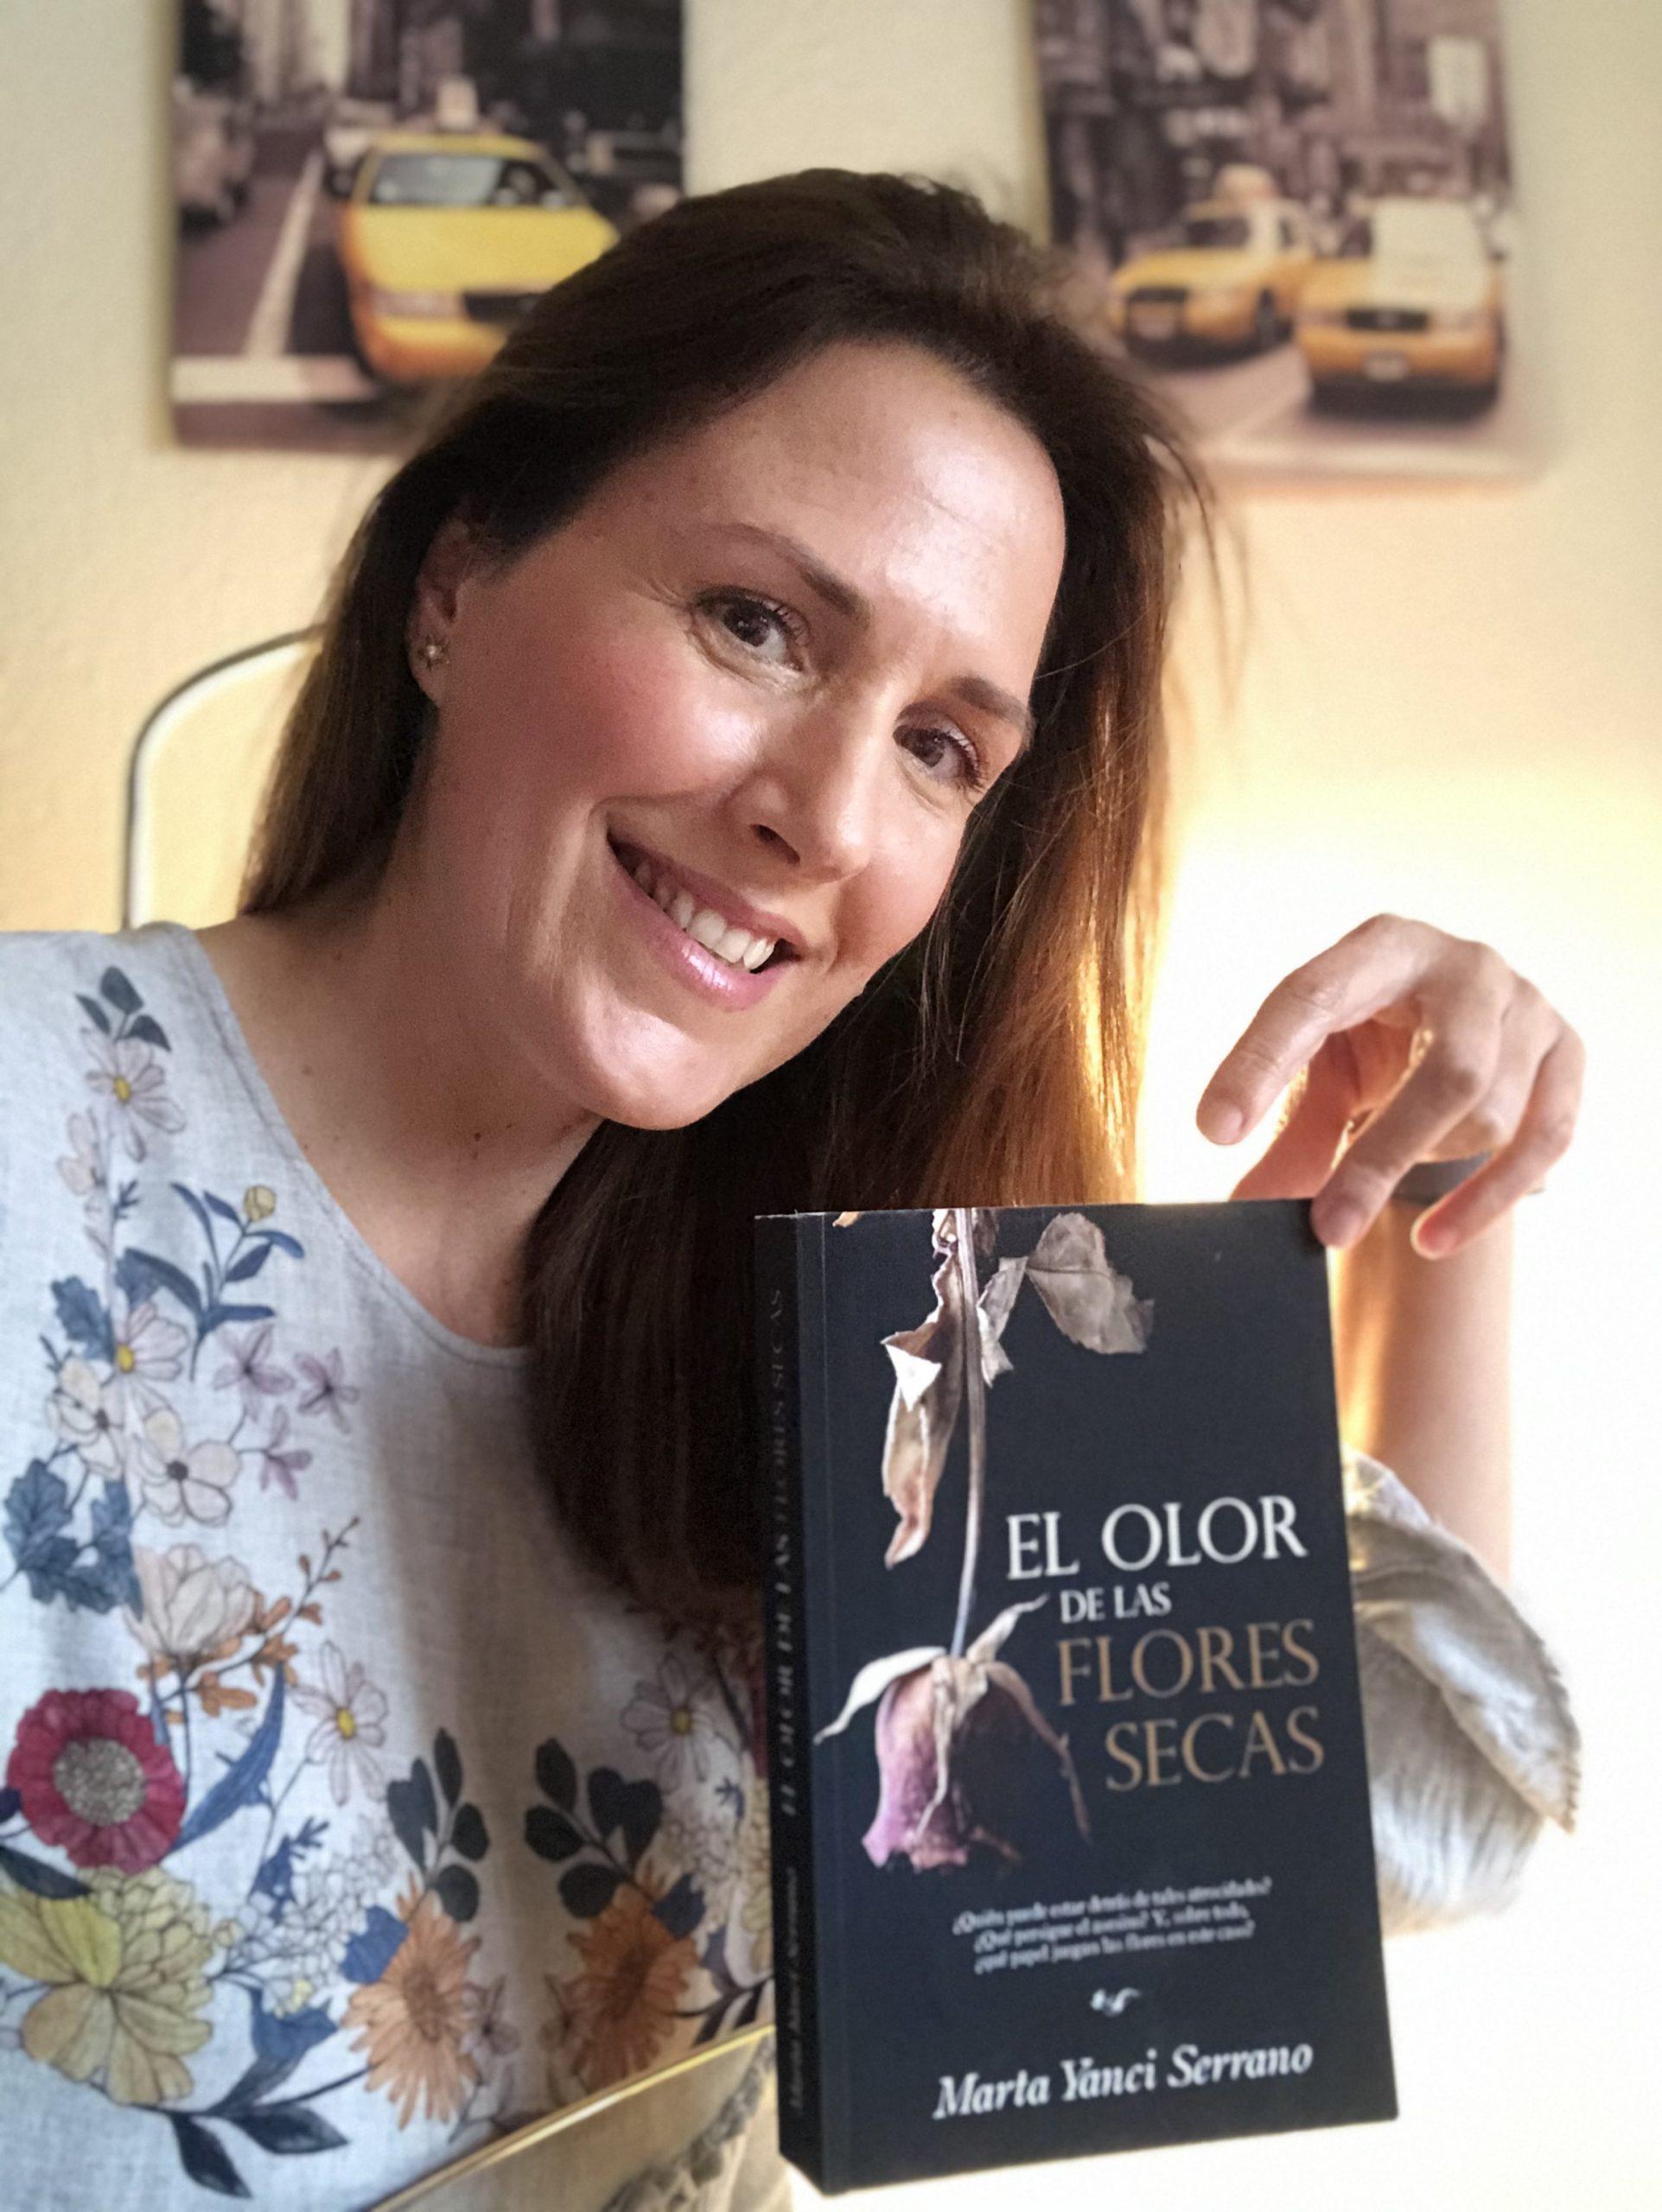 EL OLOR DE LAS FLORES SECAS de Marta Yanci Serrano.